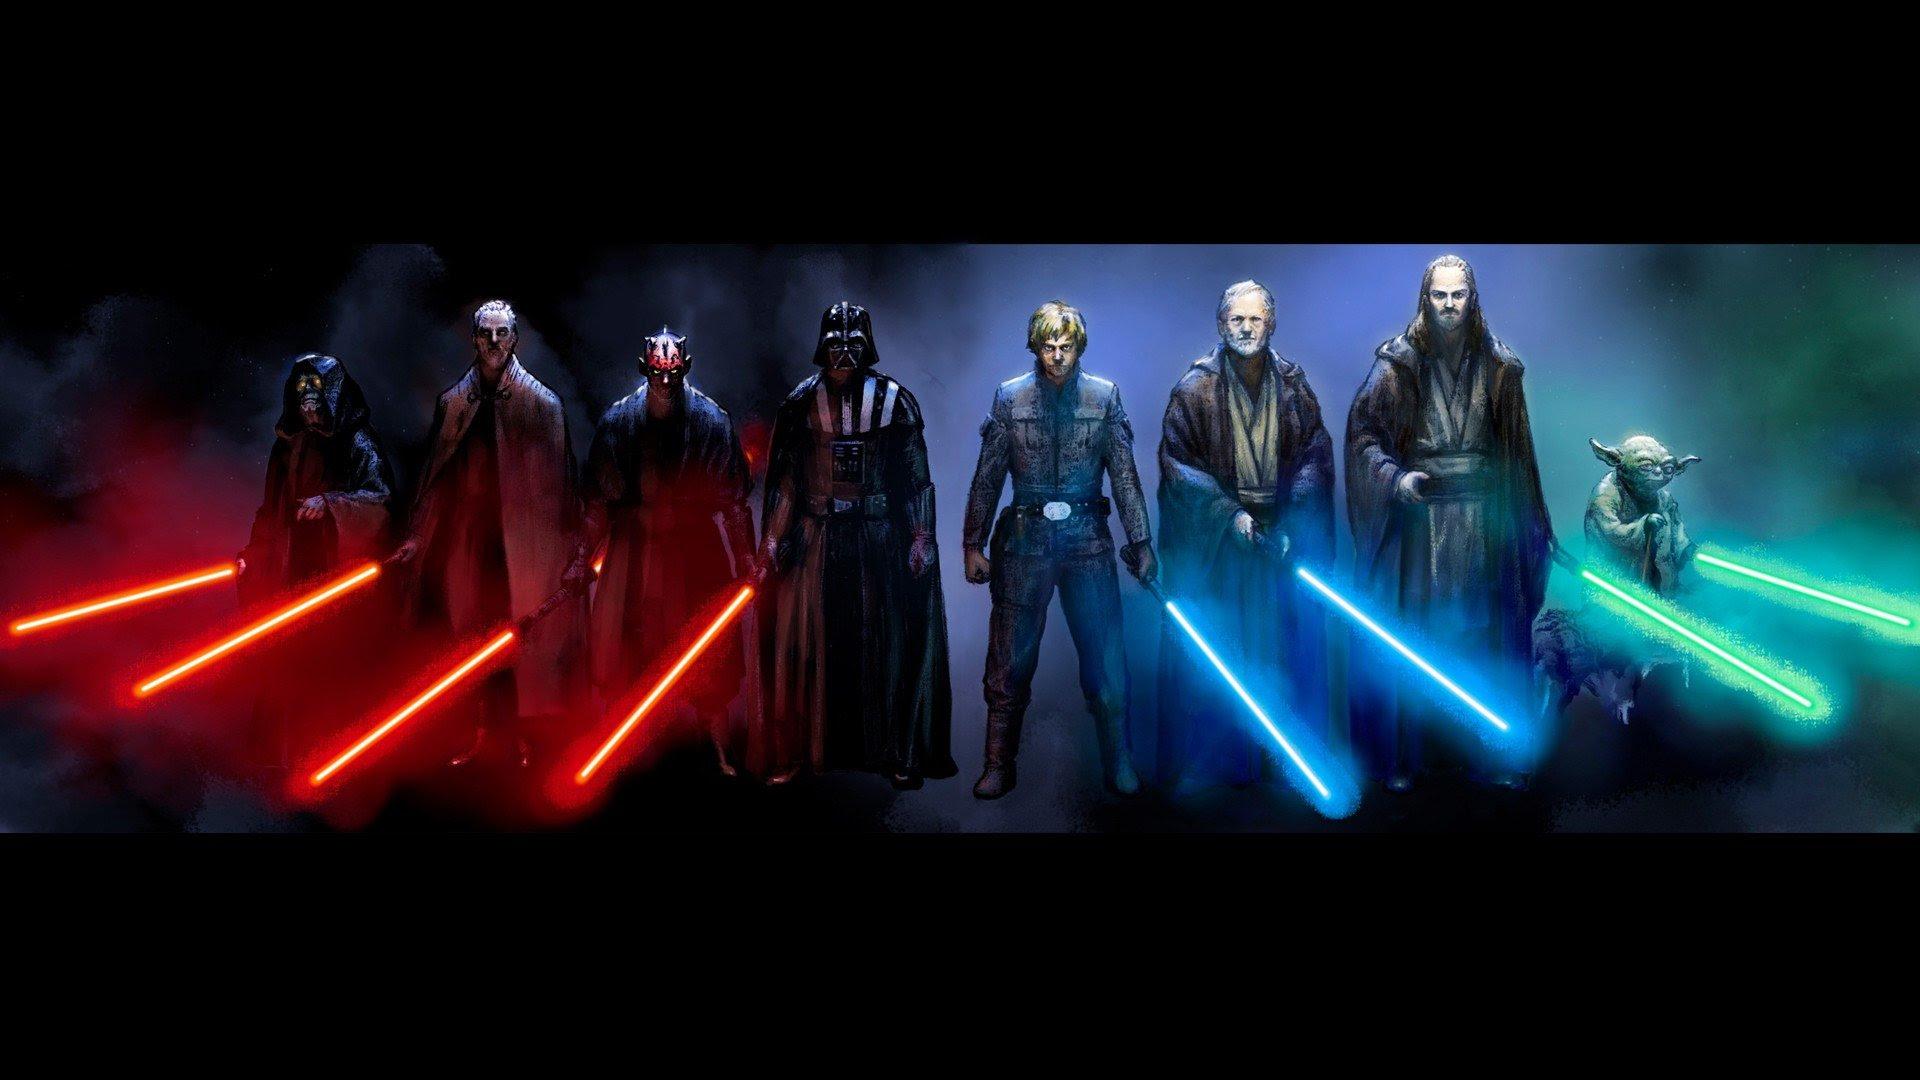 Star Wars Wallpaper 1920x1080 43415